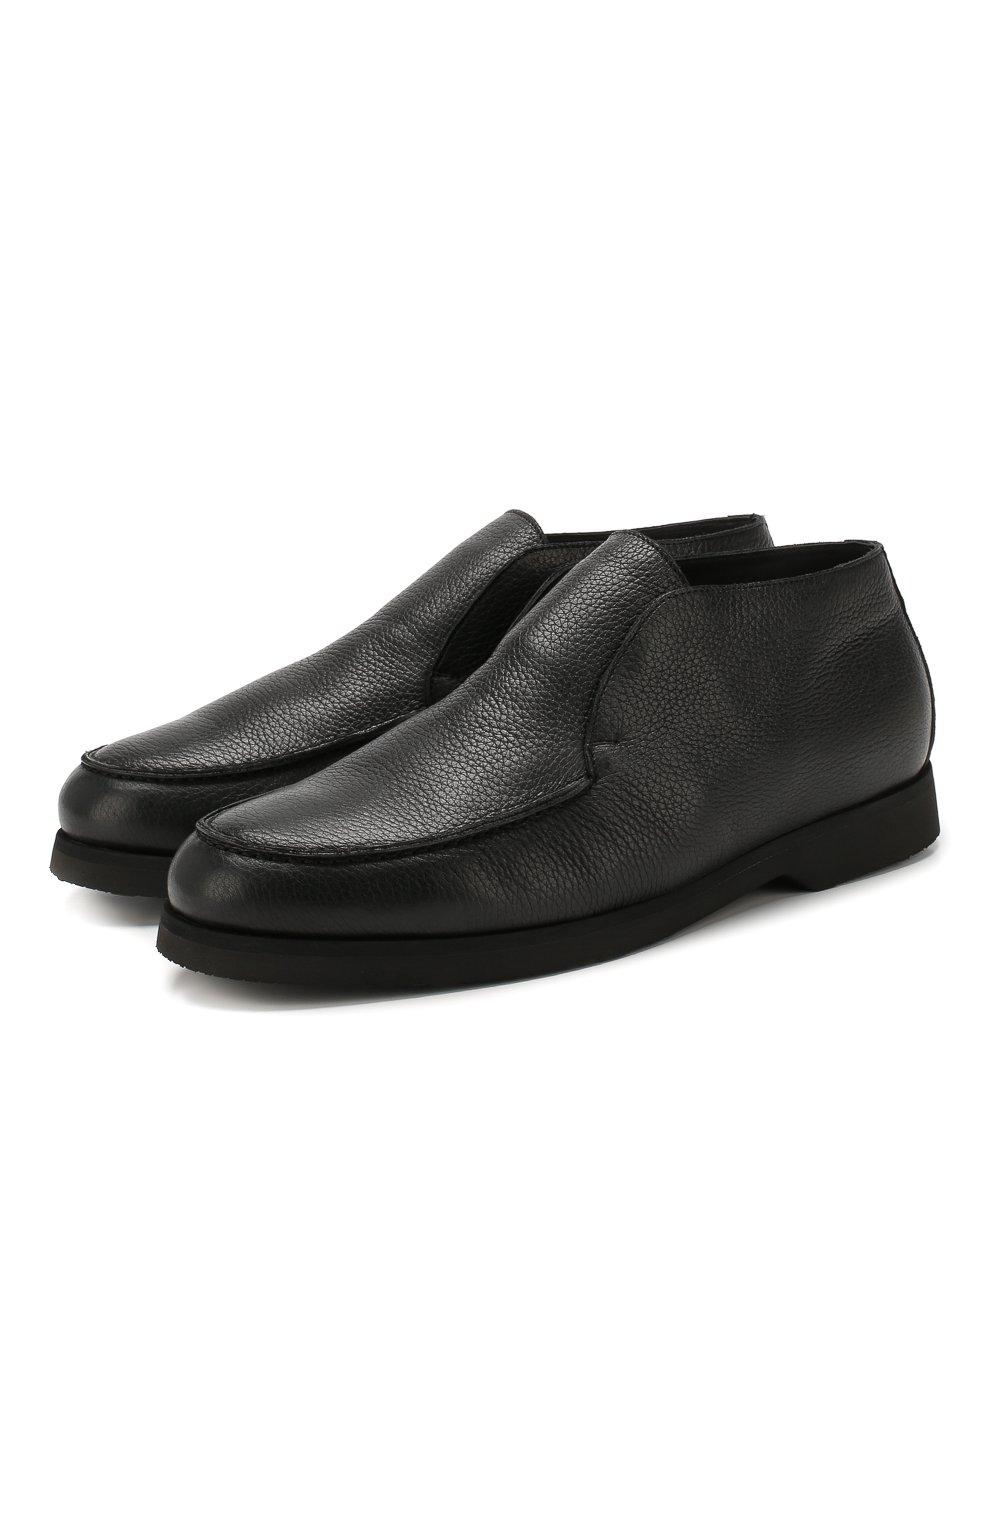 Мужские кожаные ботинки ANDREA CAMPAGNA черного цвета, арт. 390001.91.140 | Фото 1 (Материал утеплителя: Натуральный мех, Овчина; Мужское Кросс-КТ: Ботинки-обувь, зимние ботинки; Статус проверки: Проверено, Проверена категория; Подошва: Плоская)